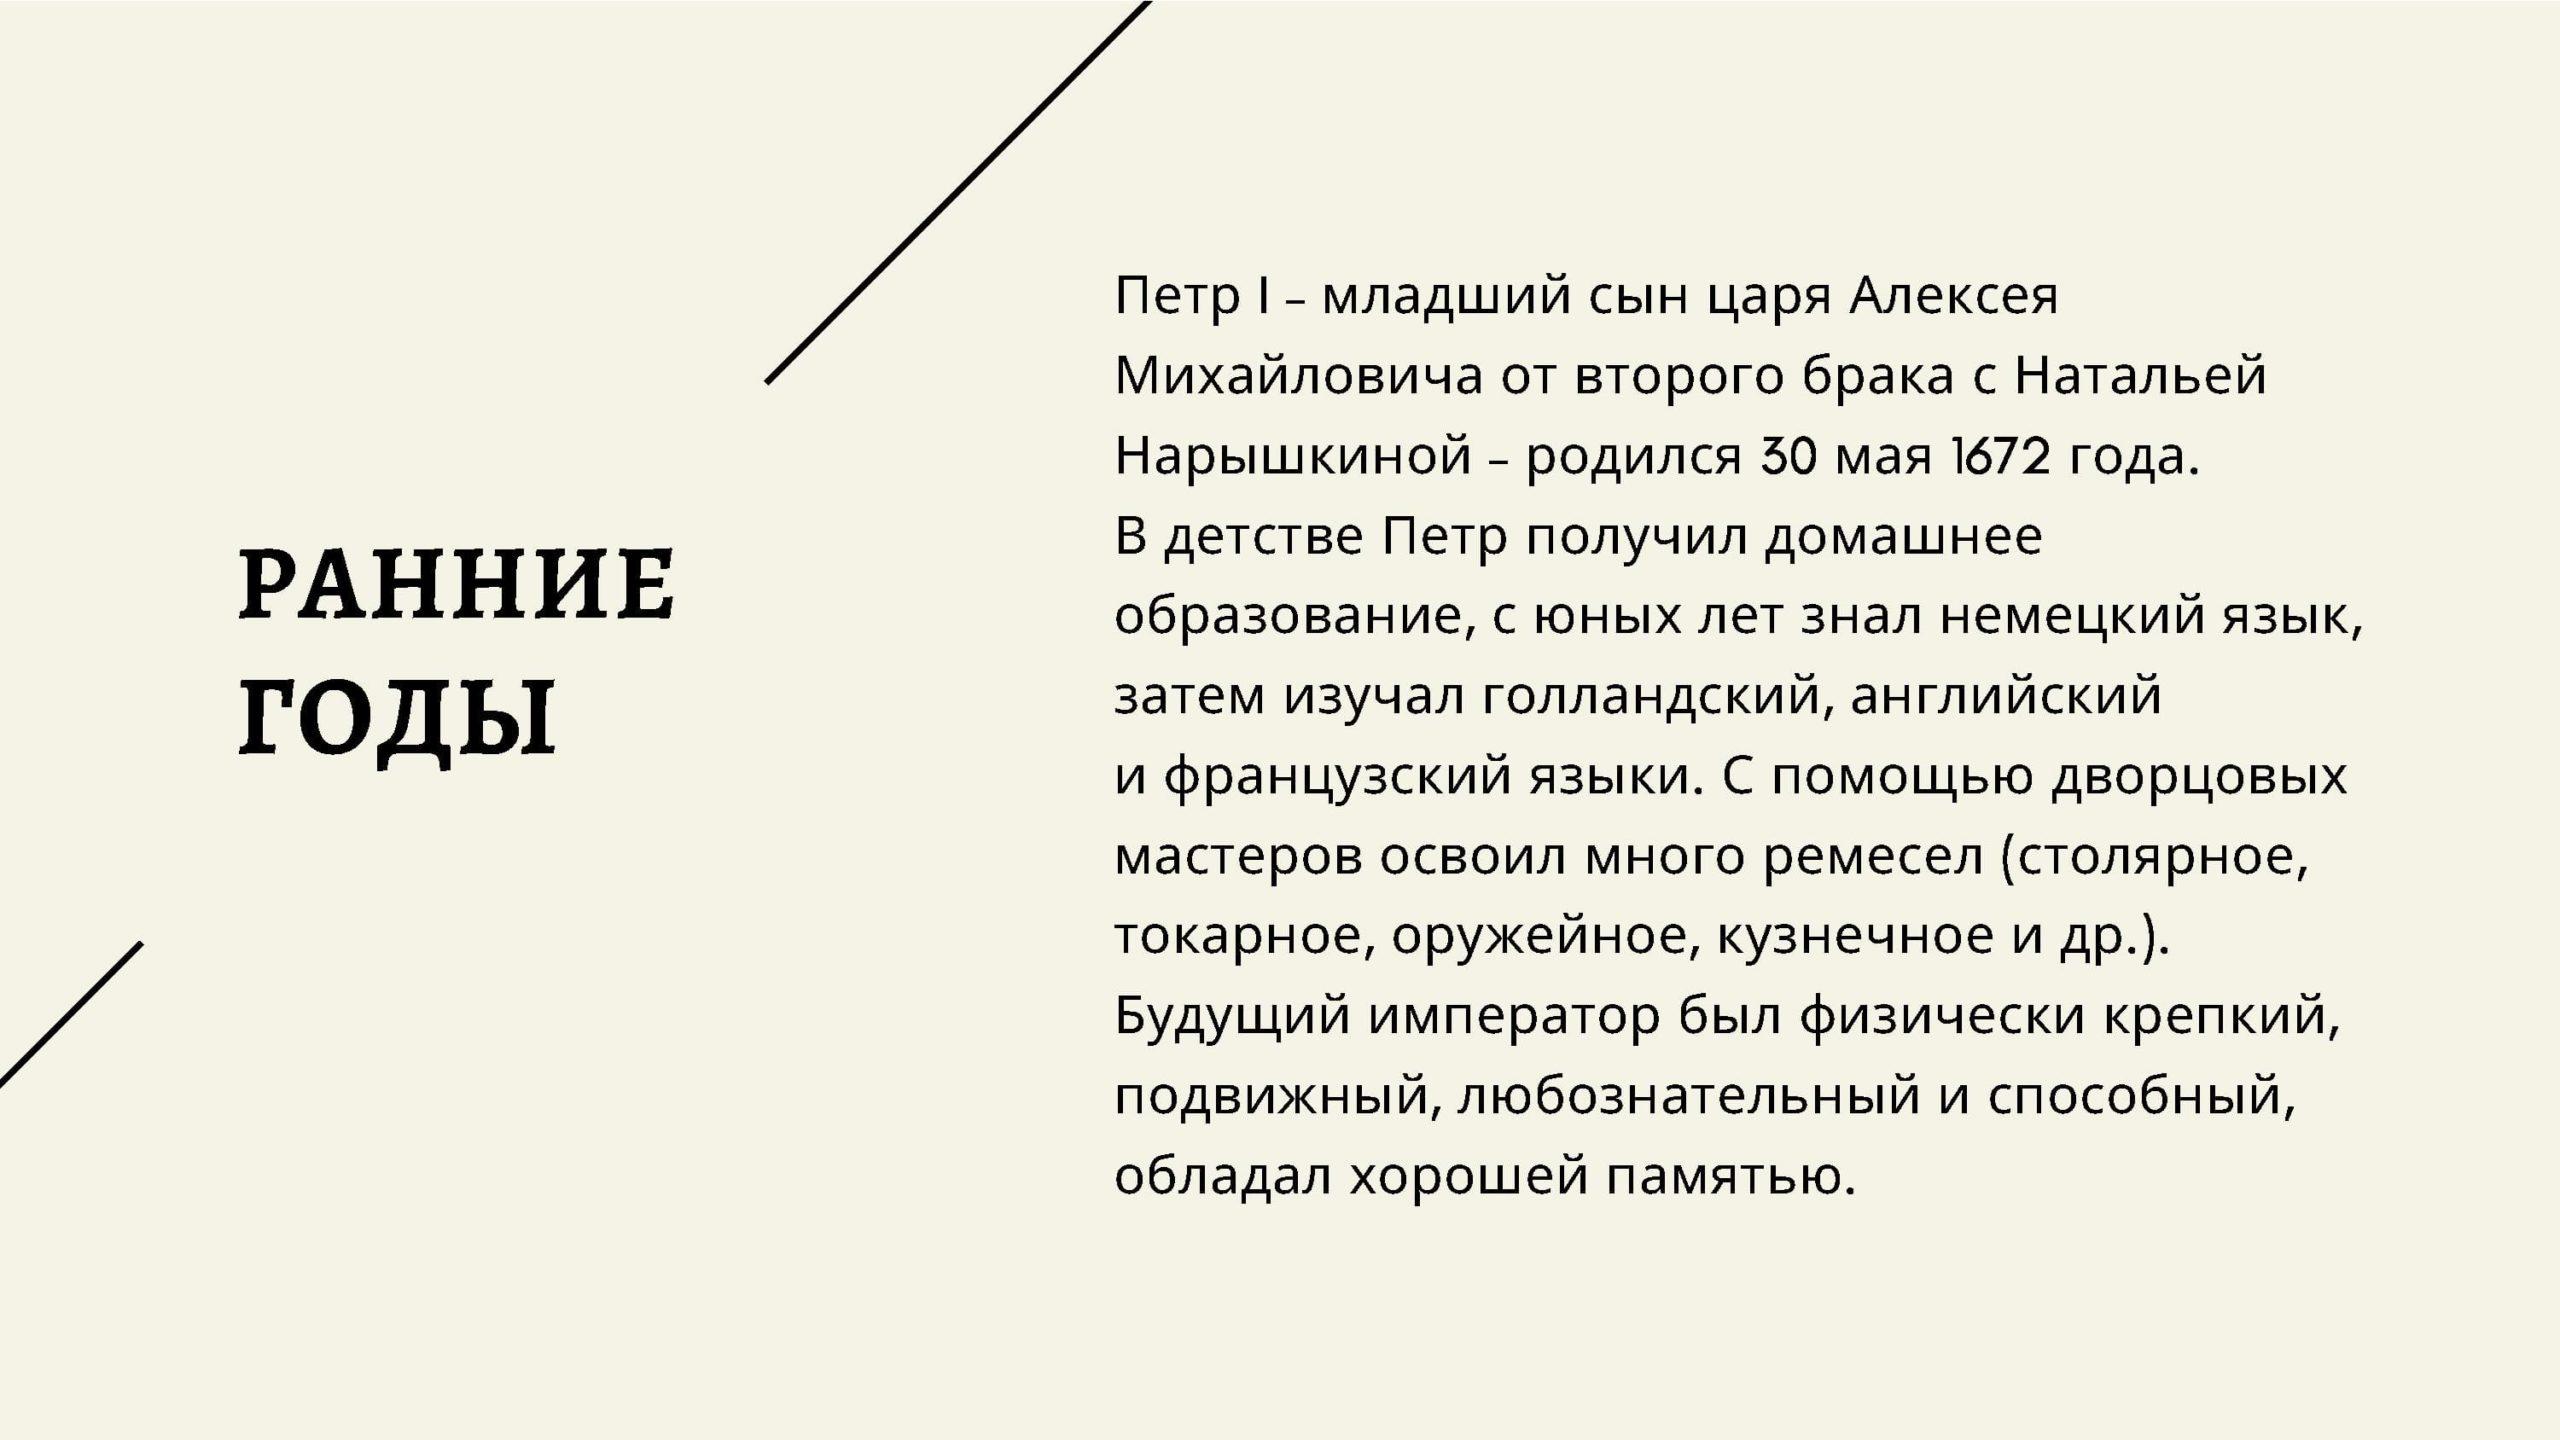 Ранние годы. Пётр I - младший сын царя Алексея Михайловича от второго брака с Натальей Нарышкиной